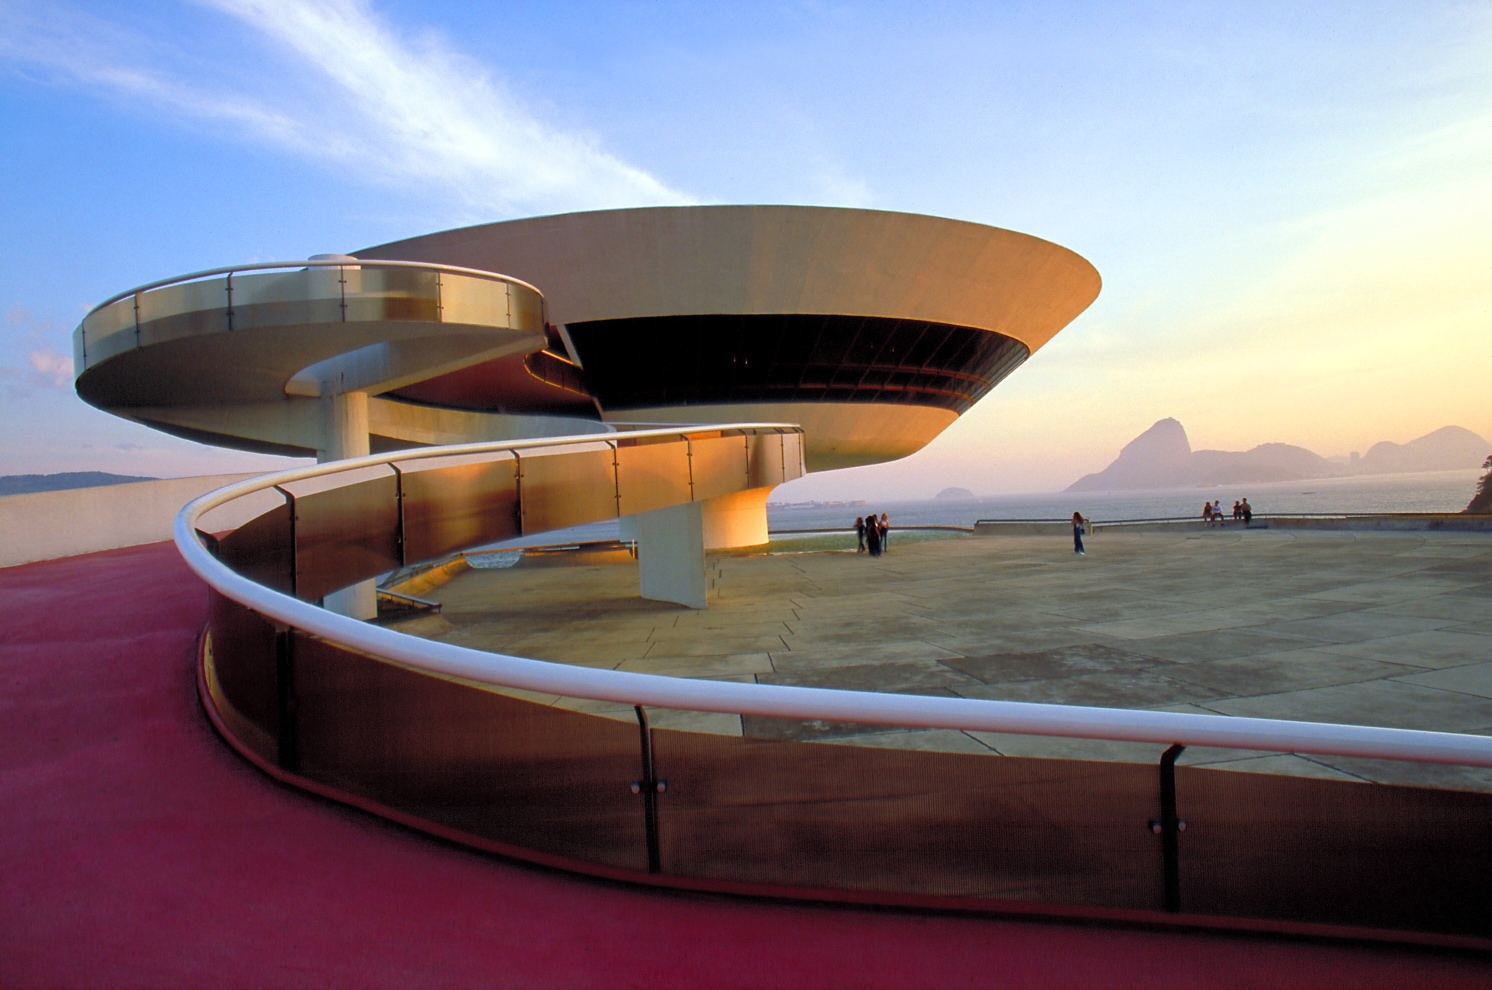 MAC Niterói - Museu de Arte Contemporânea de Niterói